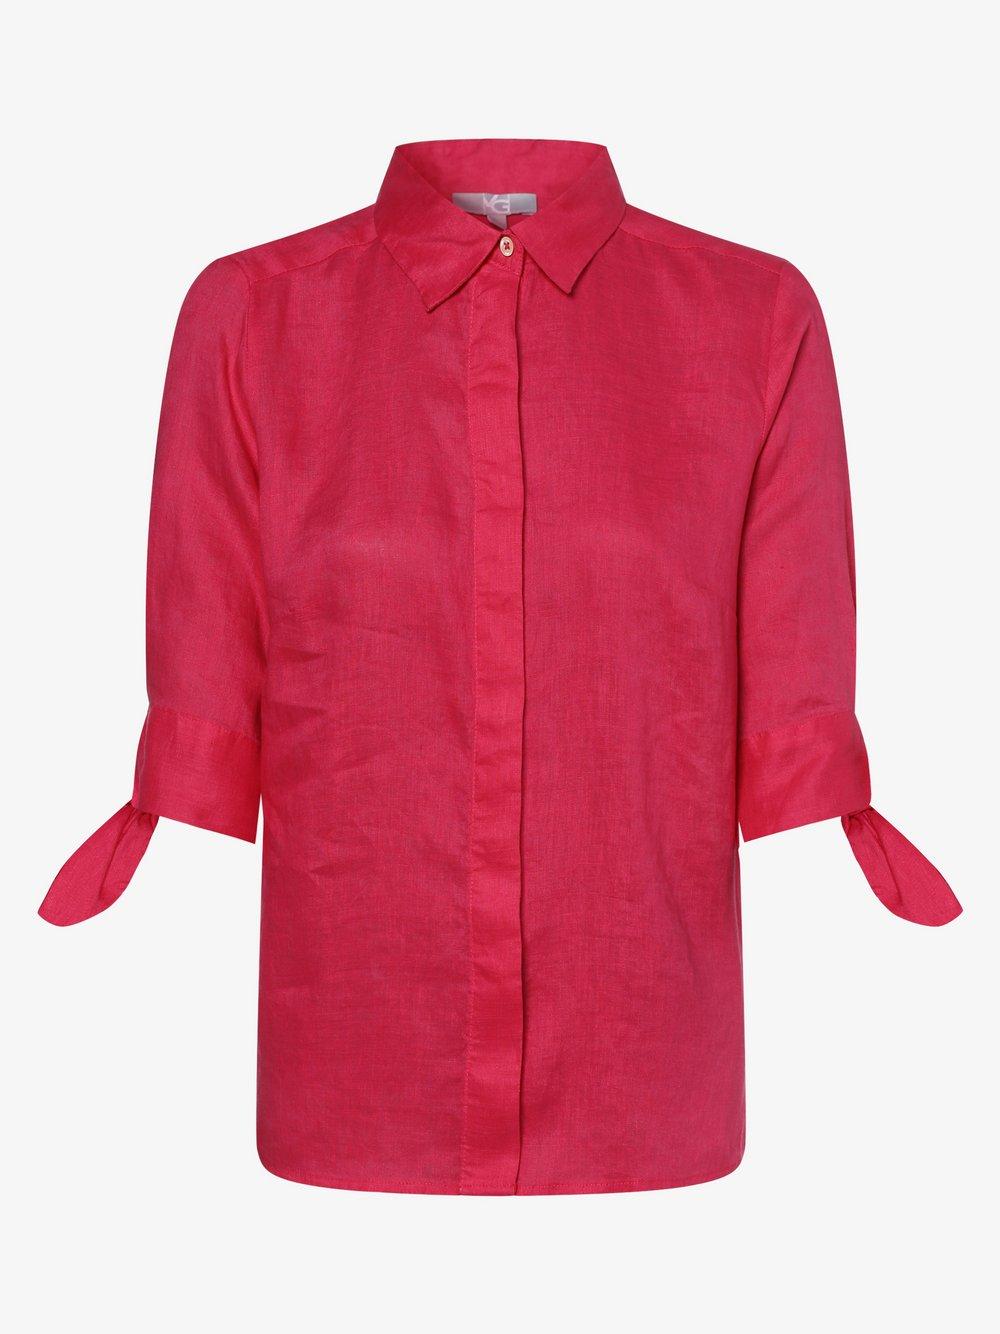 VG – Damska bluzka lniana, różowy Van Graaf 462668-0007-00400